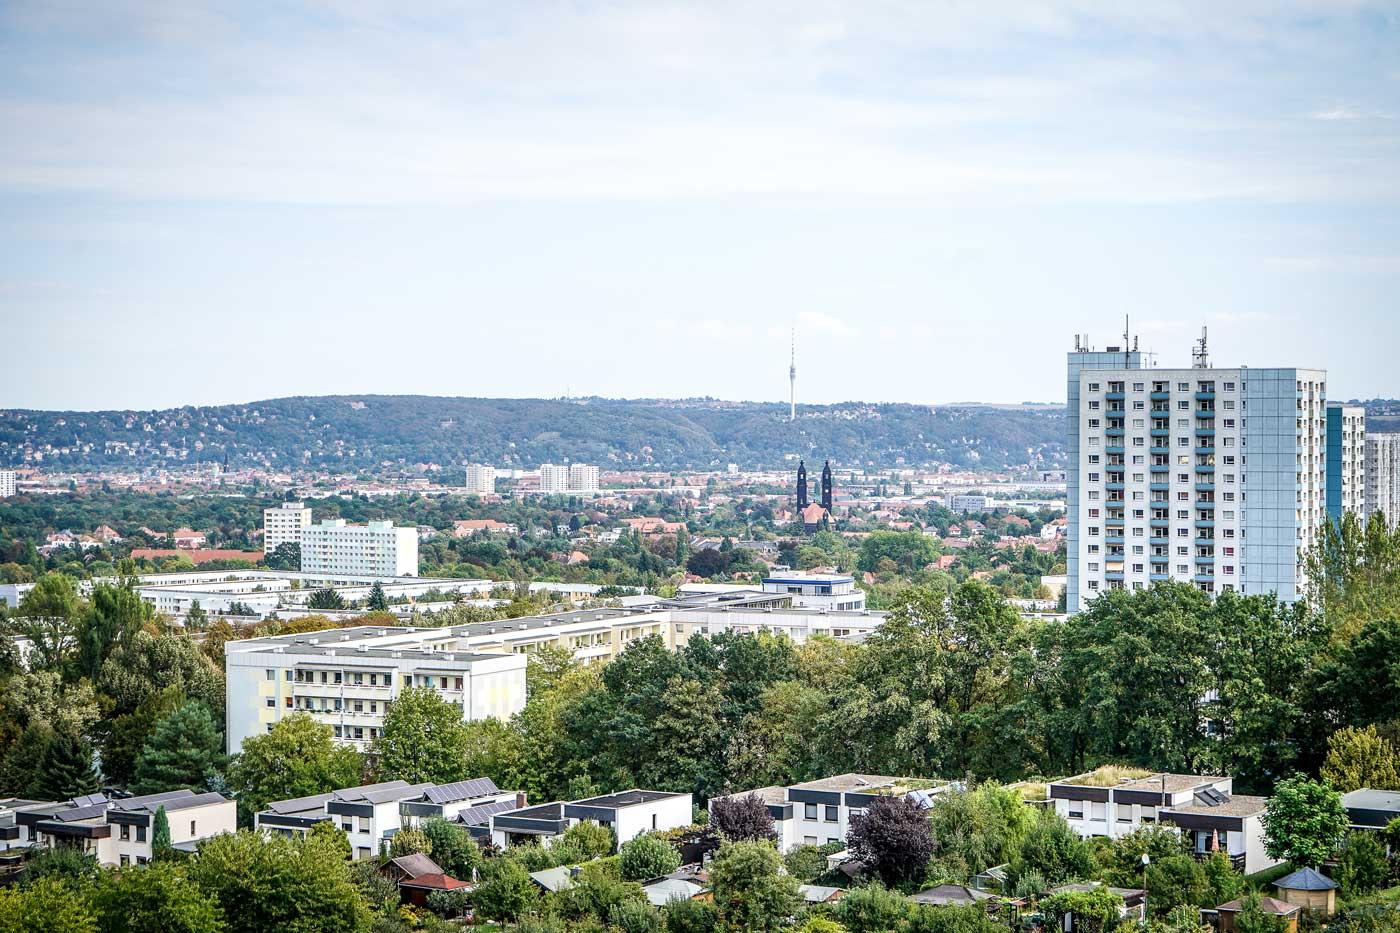 Ausblick auf Dresden von der Bismarcksäule auf der Räcknitzhöhe. Blickrichtung Dresden-Strehlen mit der Christuskirche.